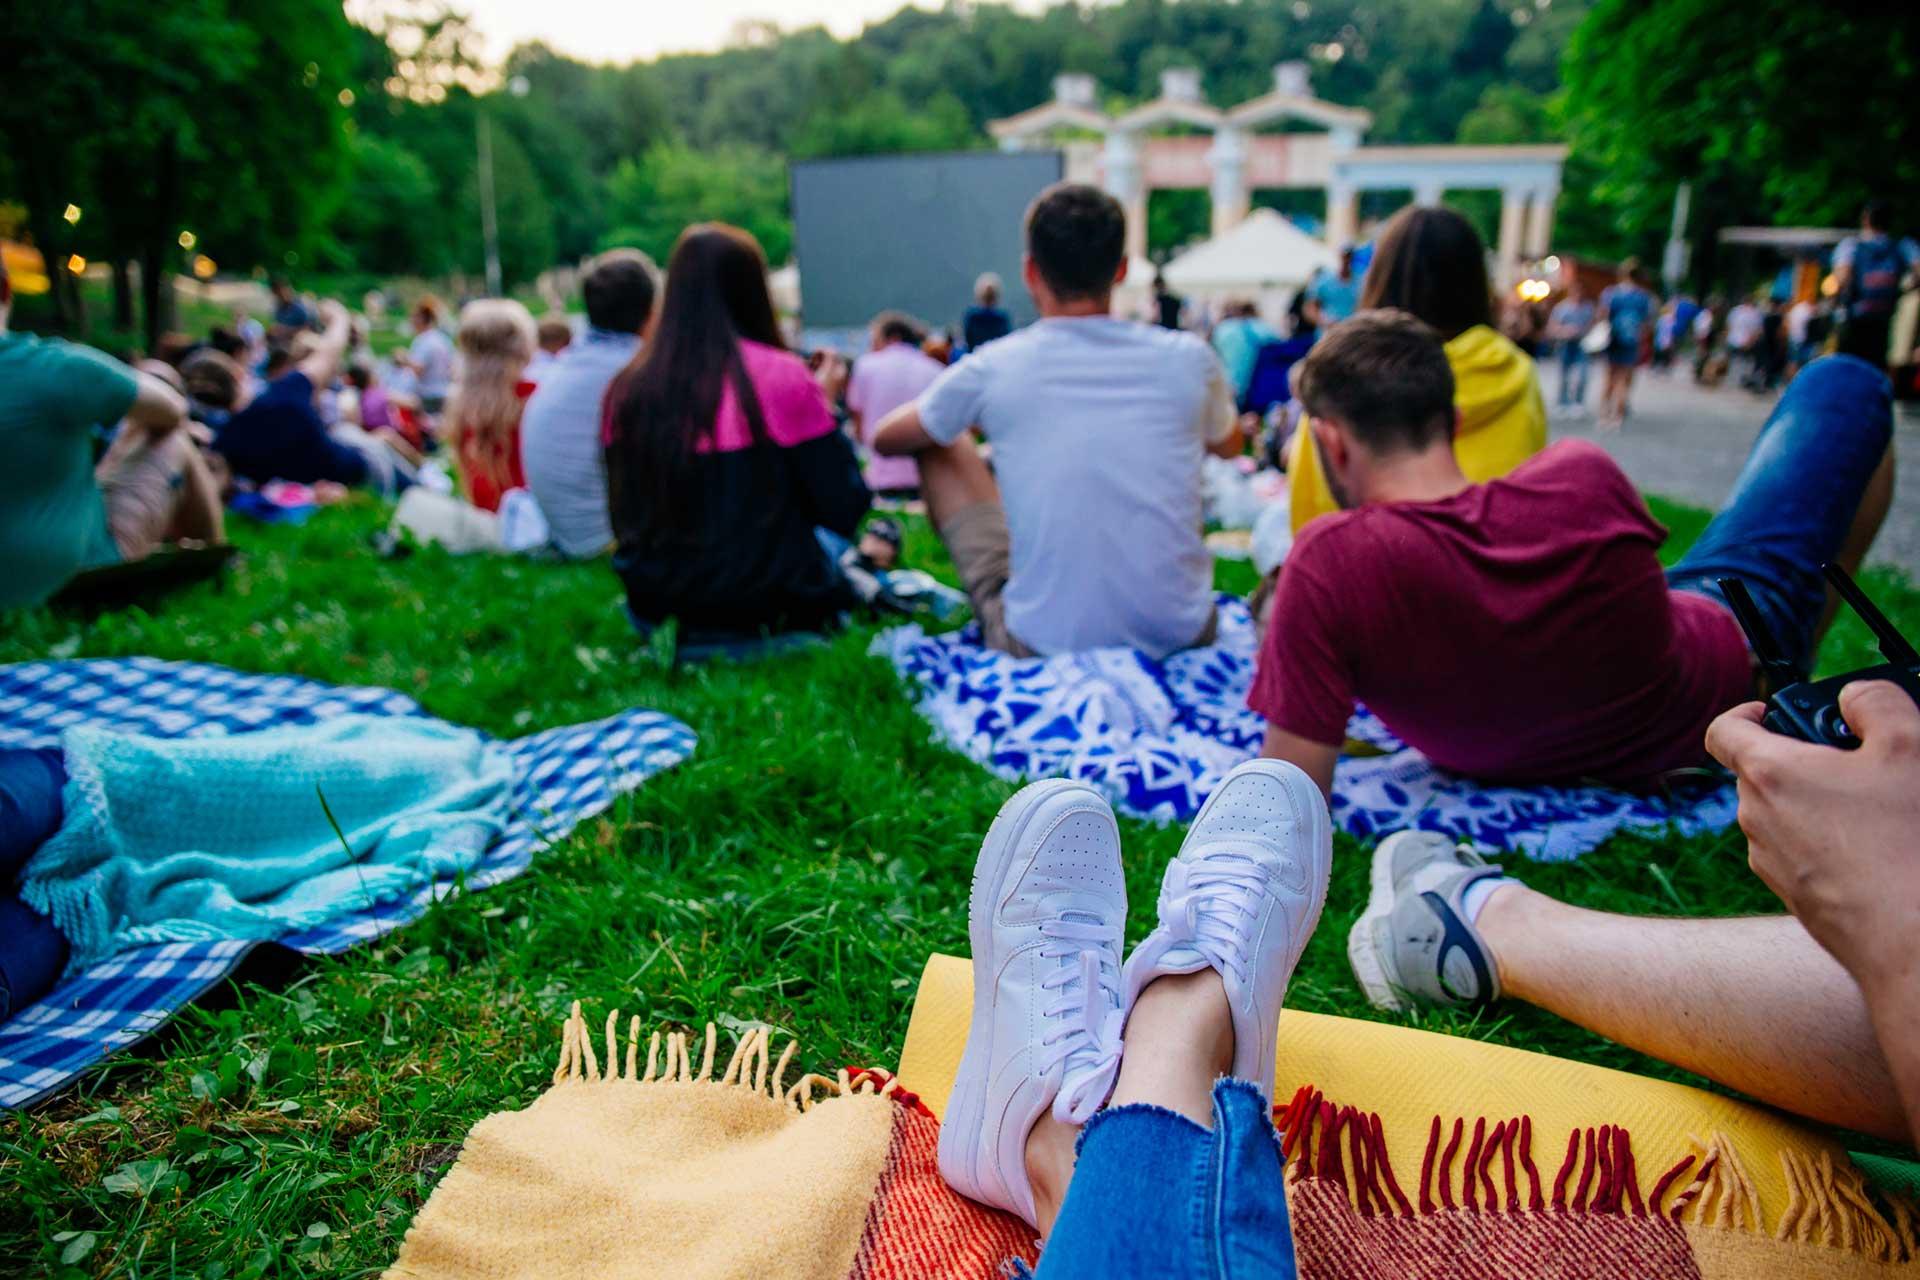 summer concert goers